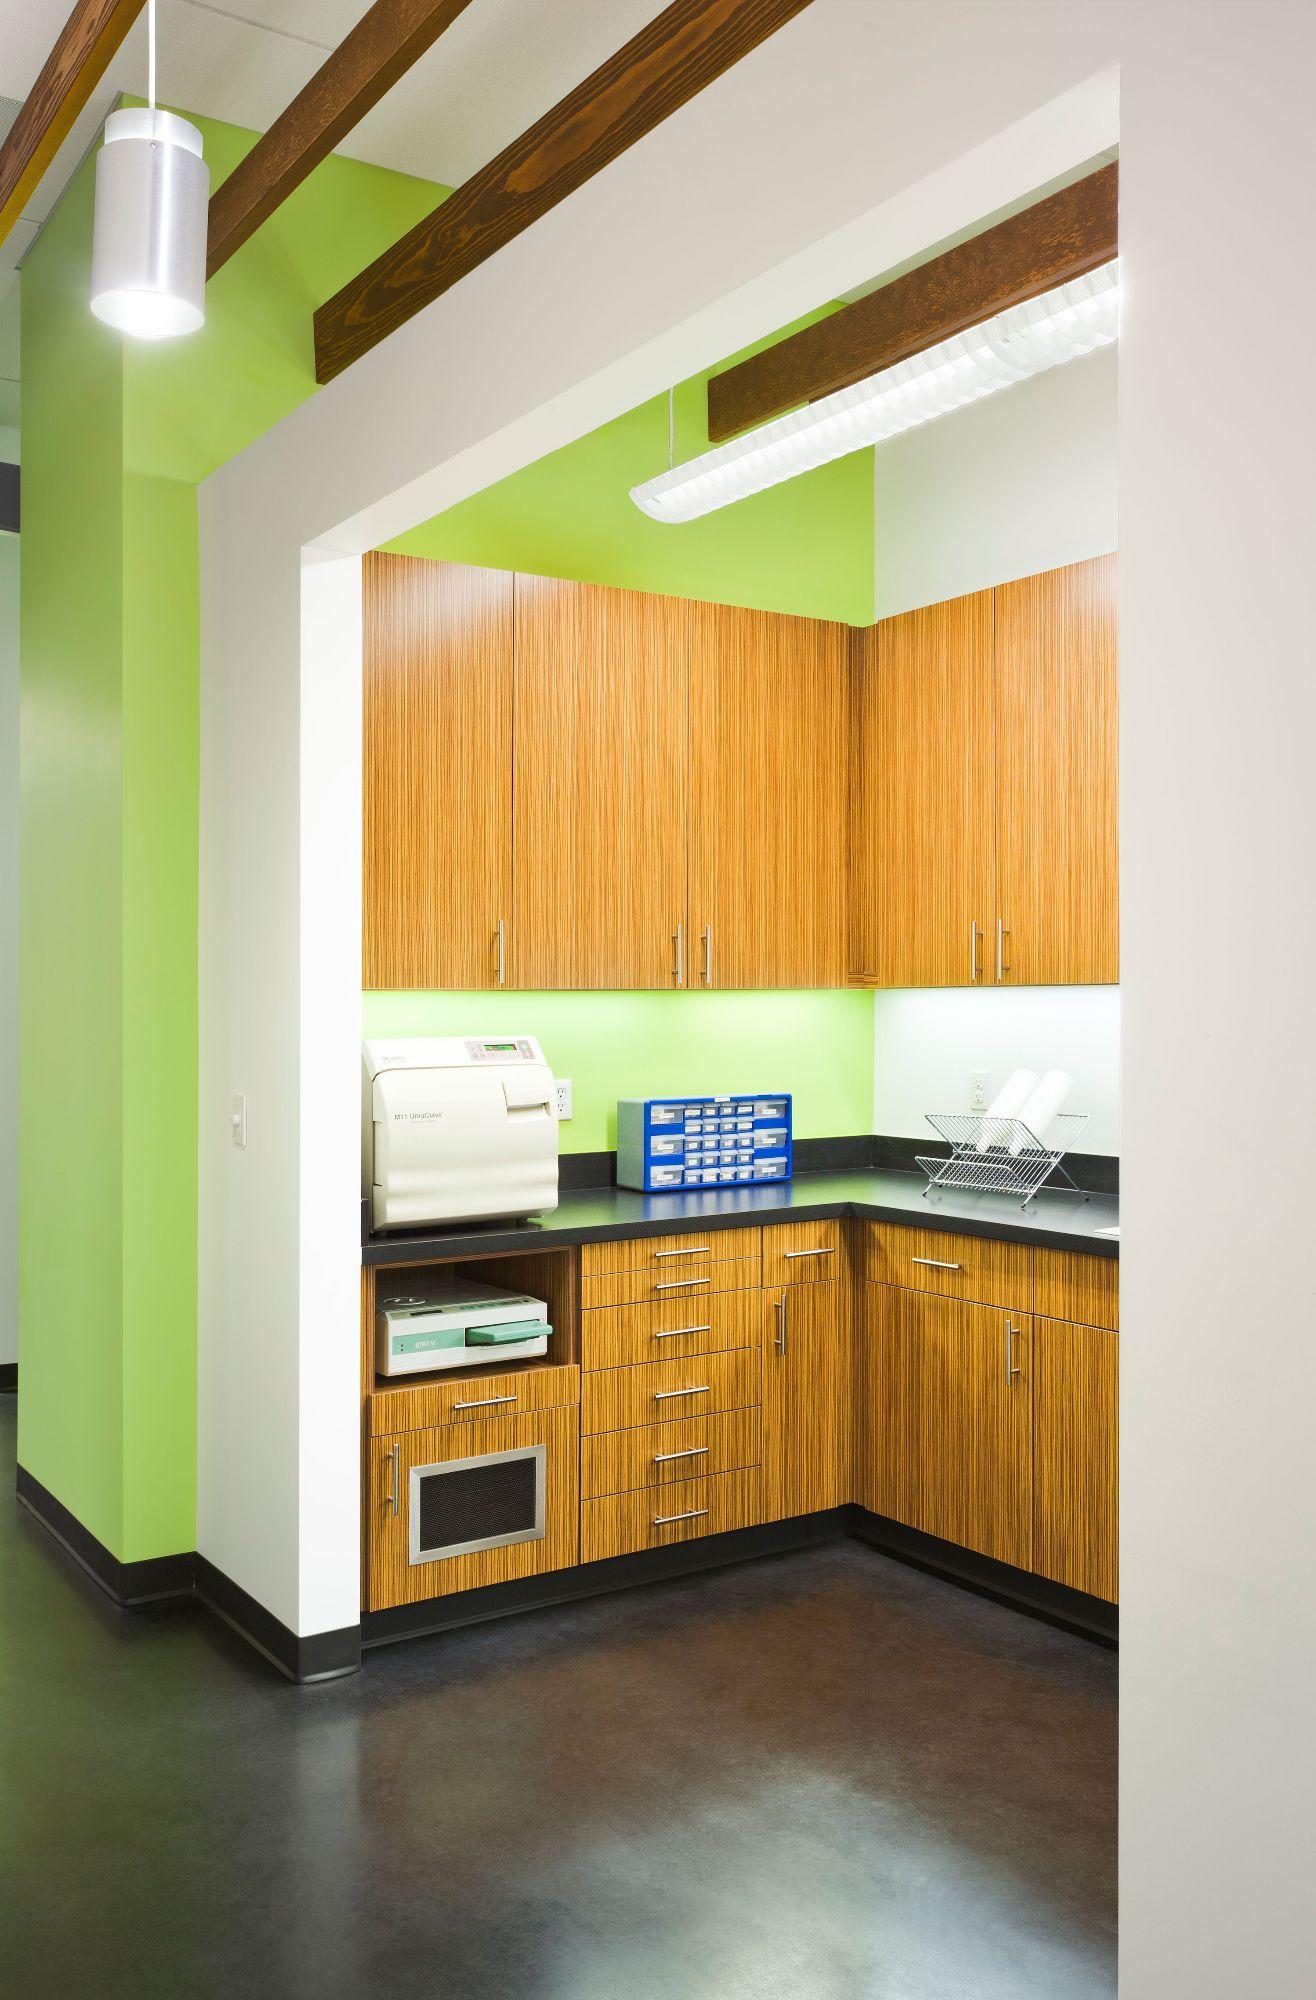 Endontics of Denver Patient Area